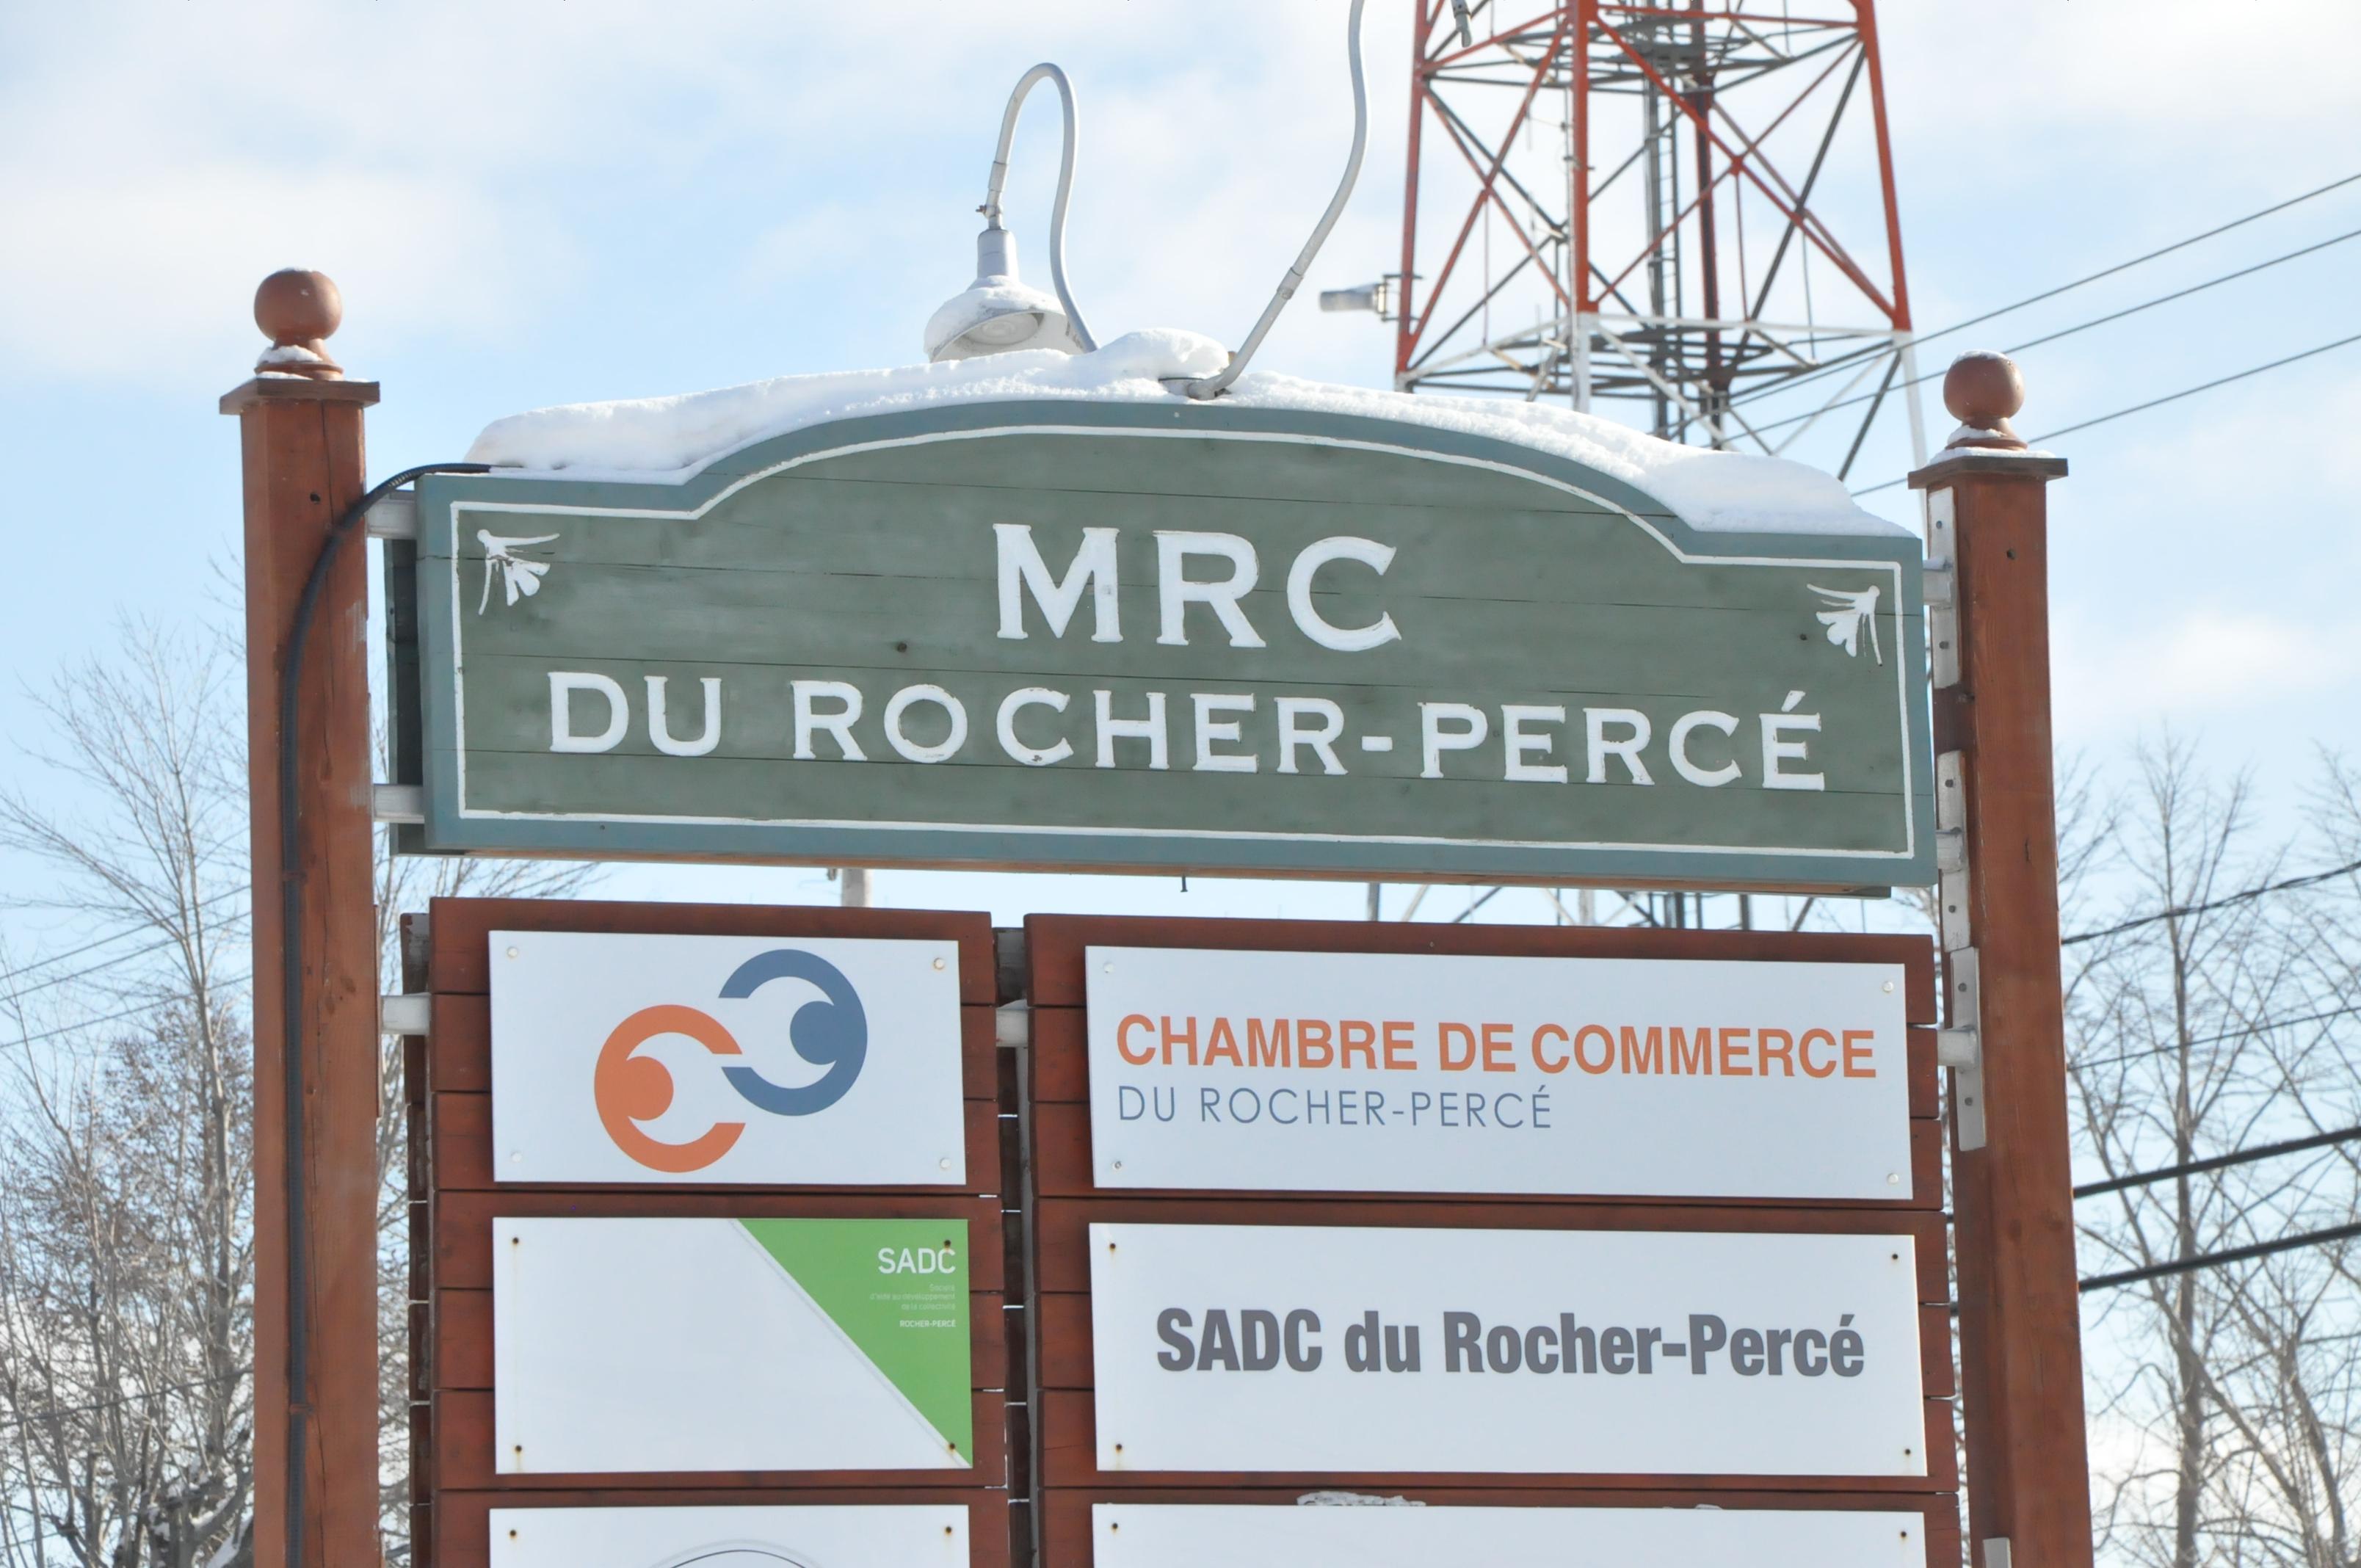 MRC Rocher-Percé